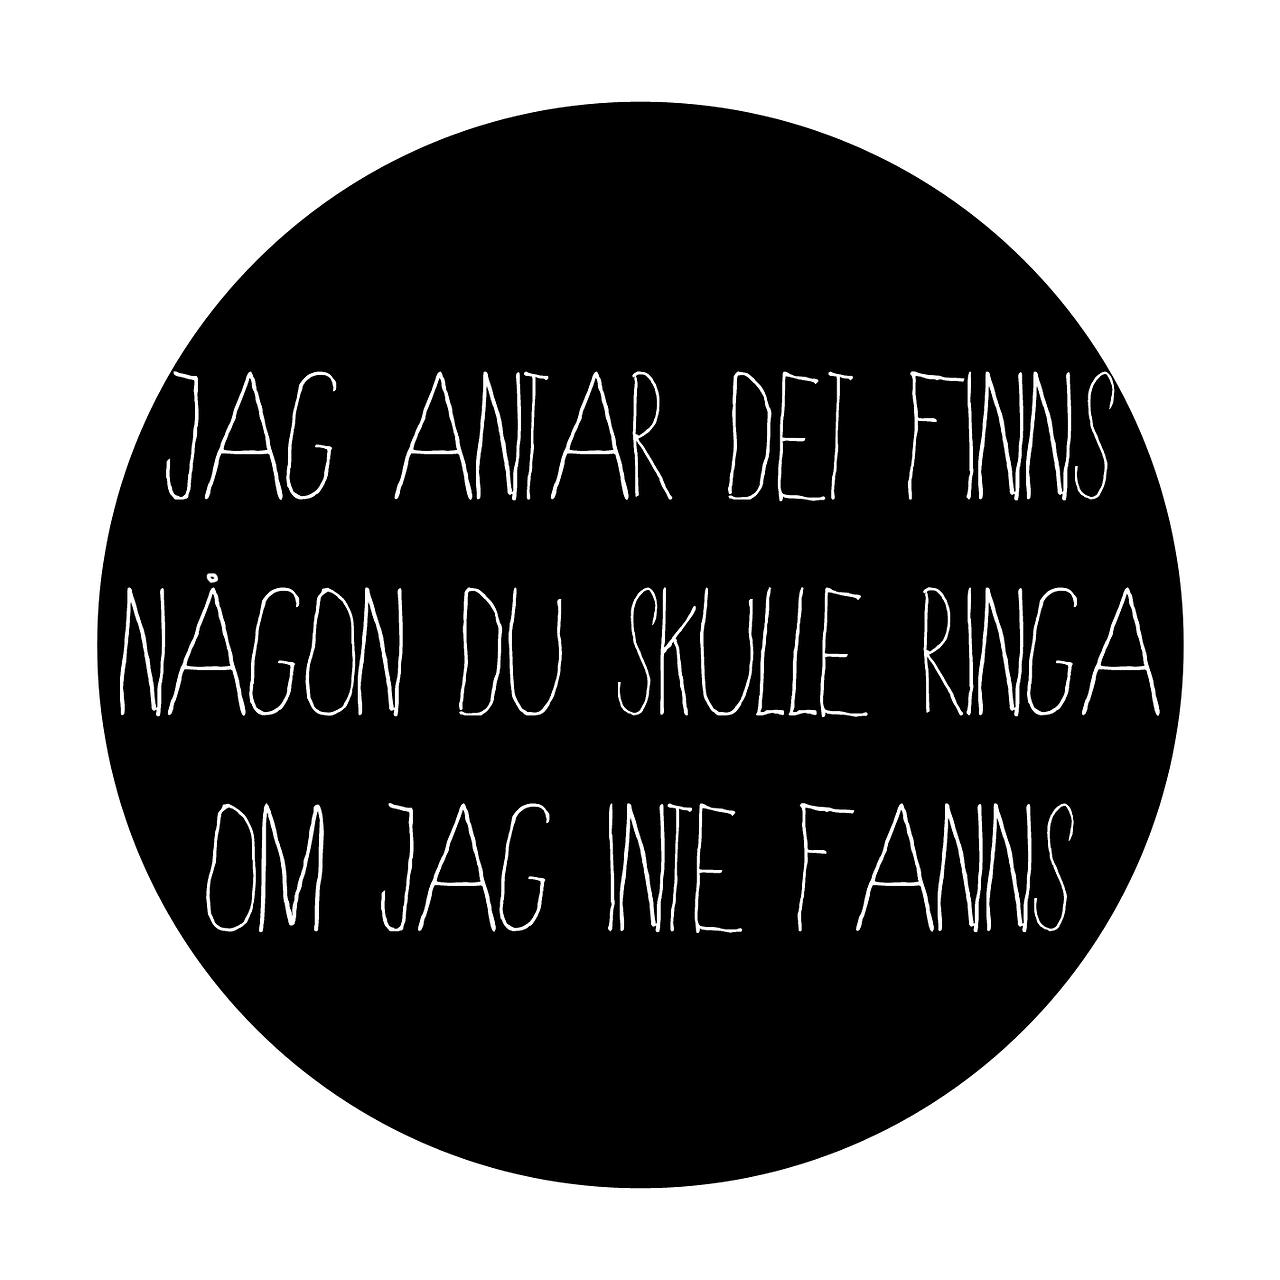 Svenska Texter Texter Citat Kanslor